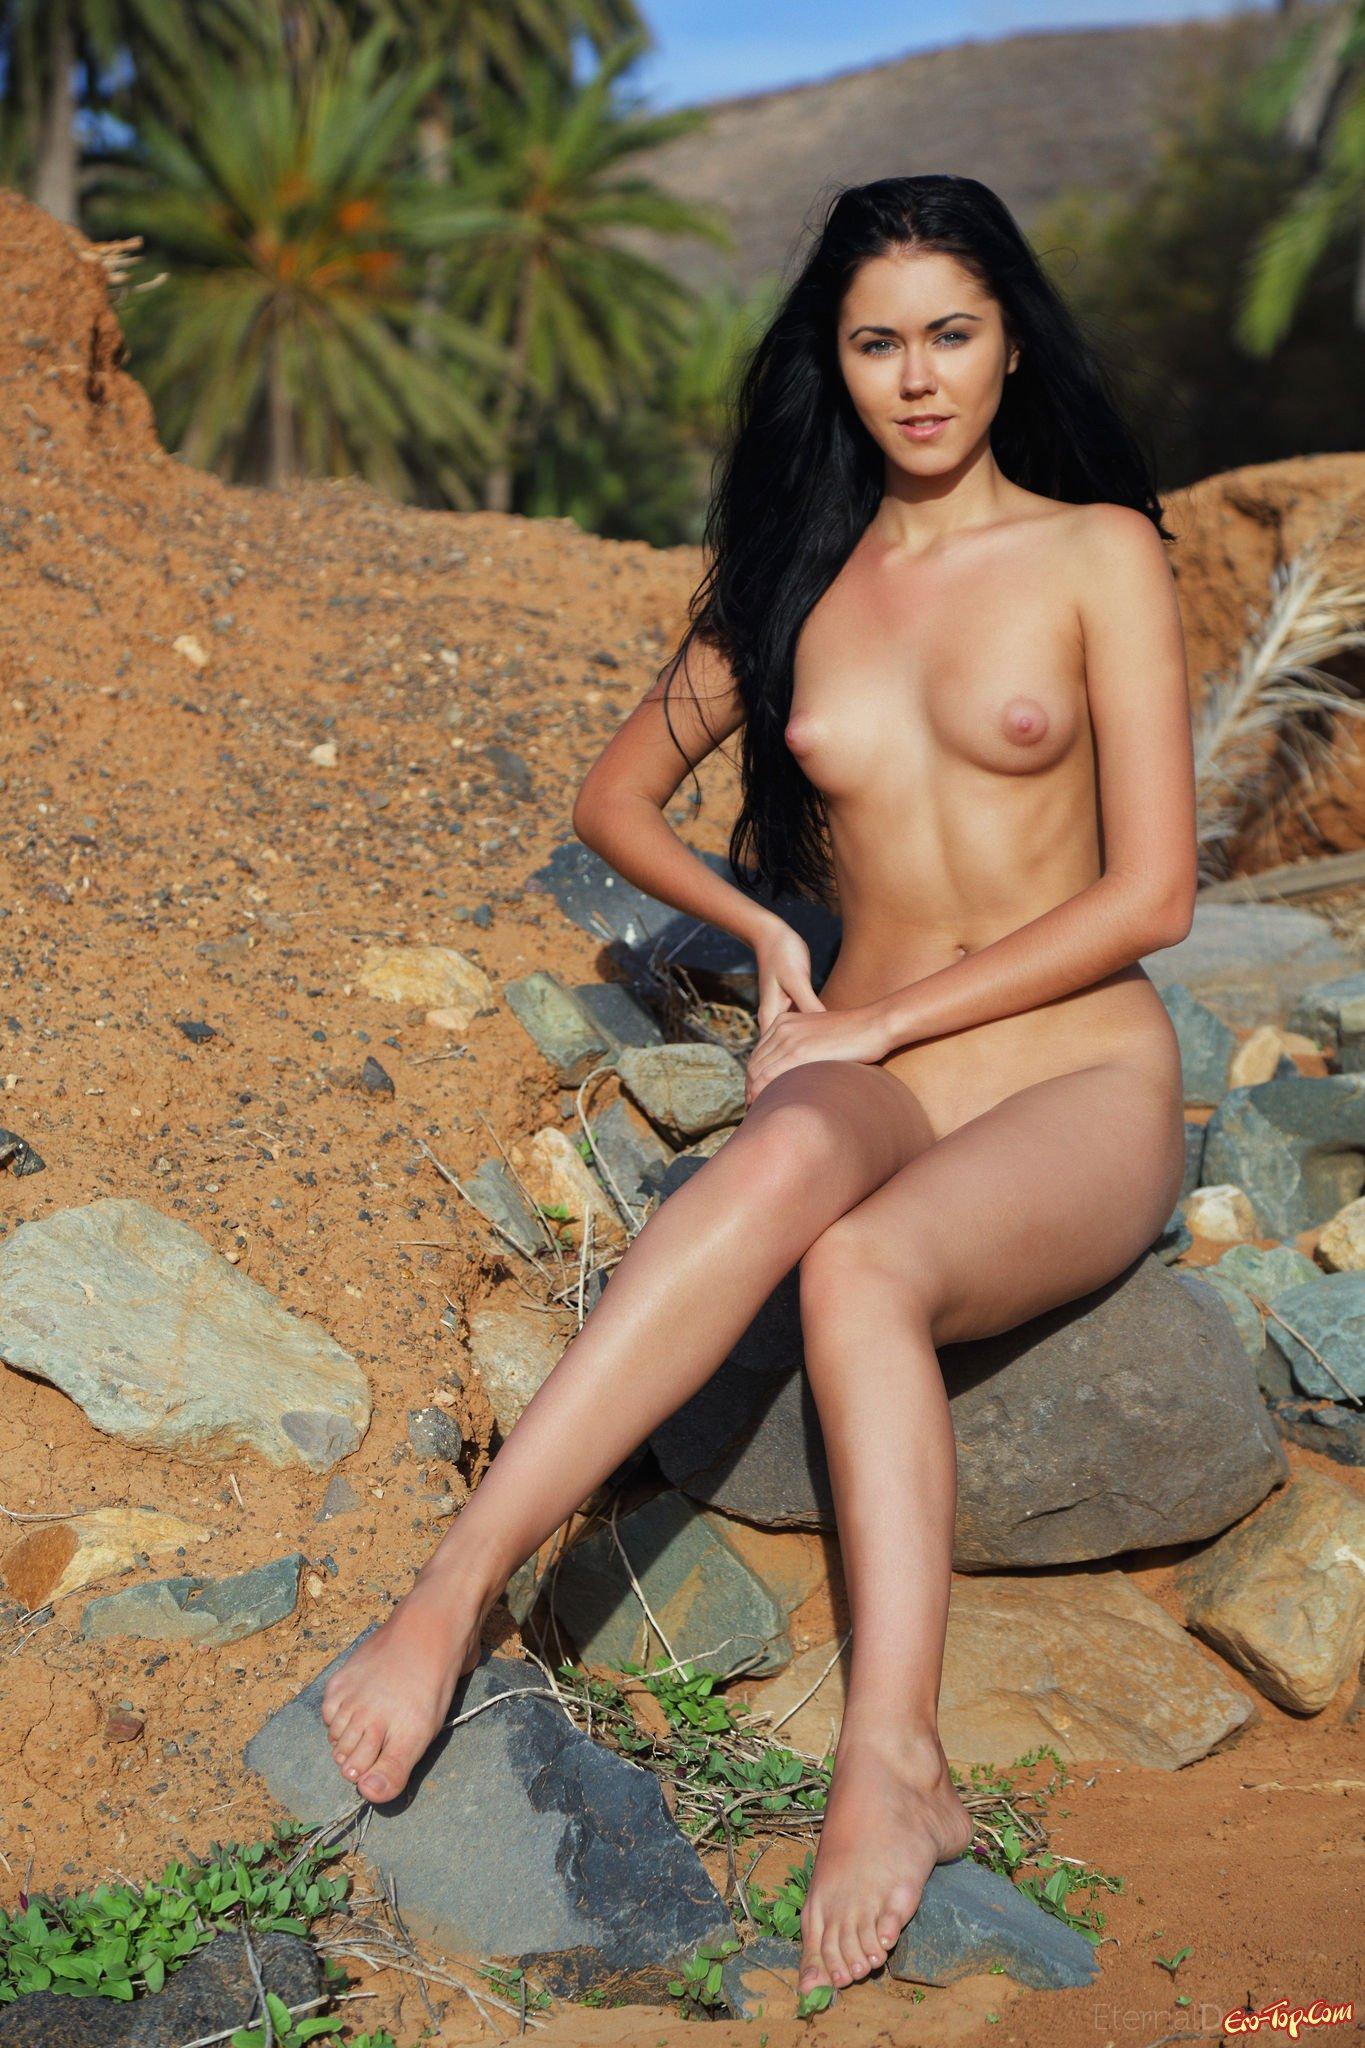 Девушка на камнях